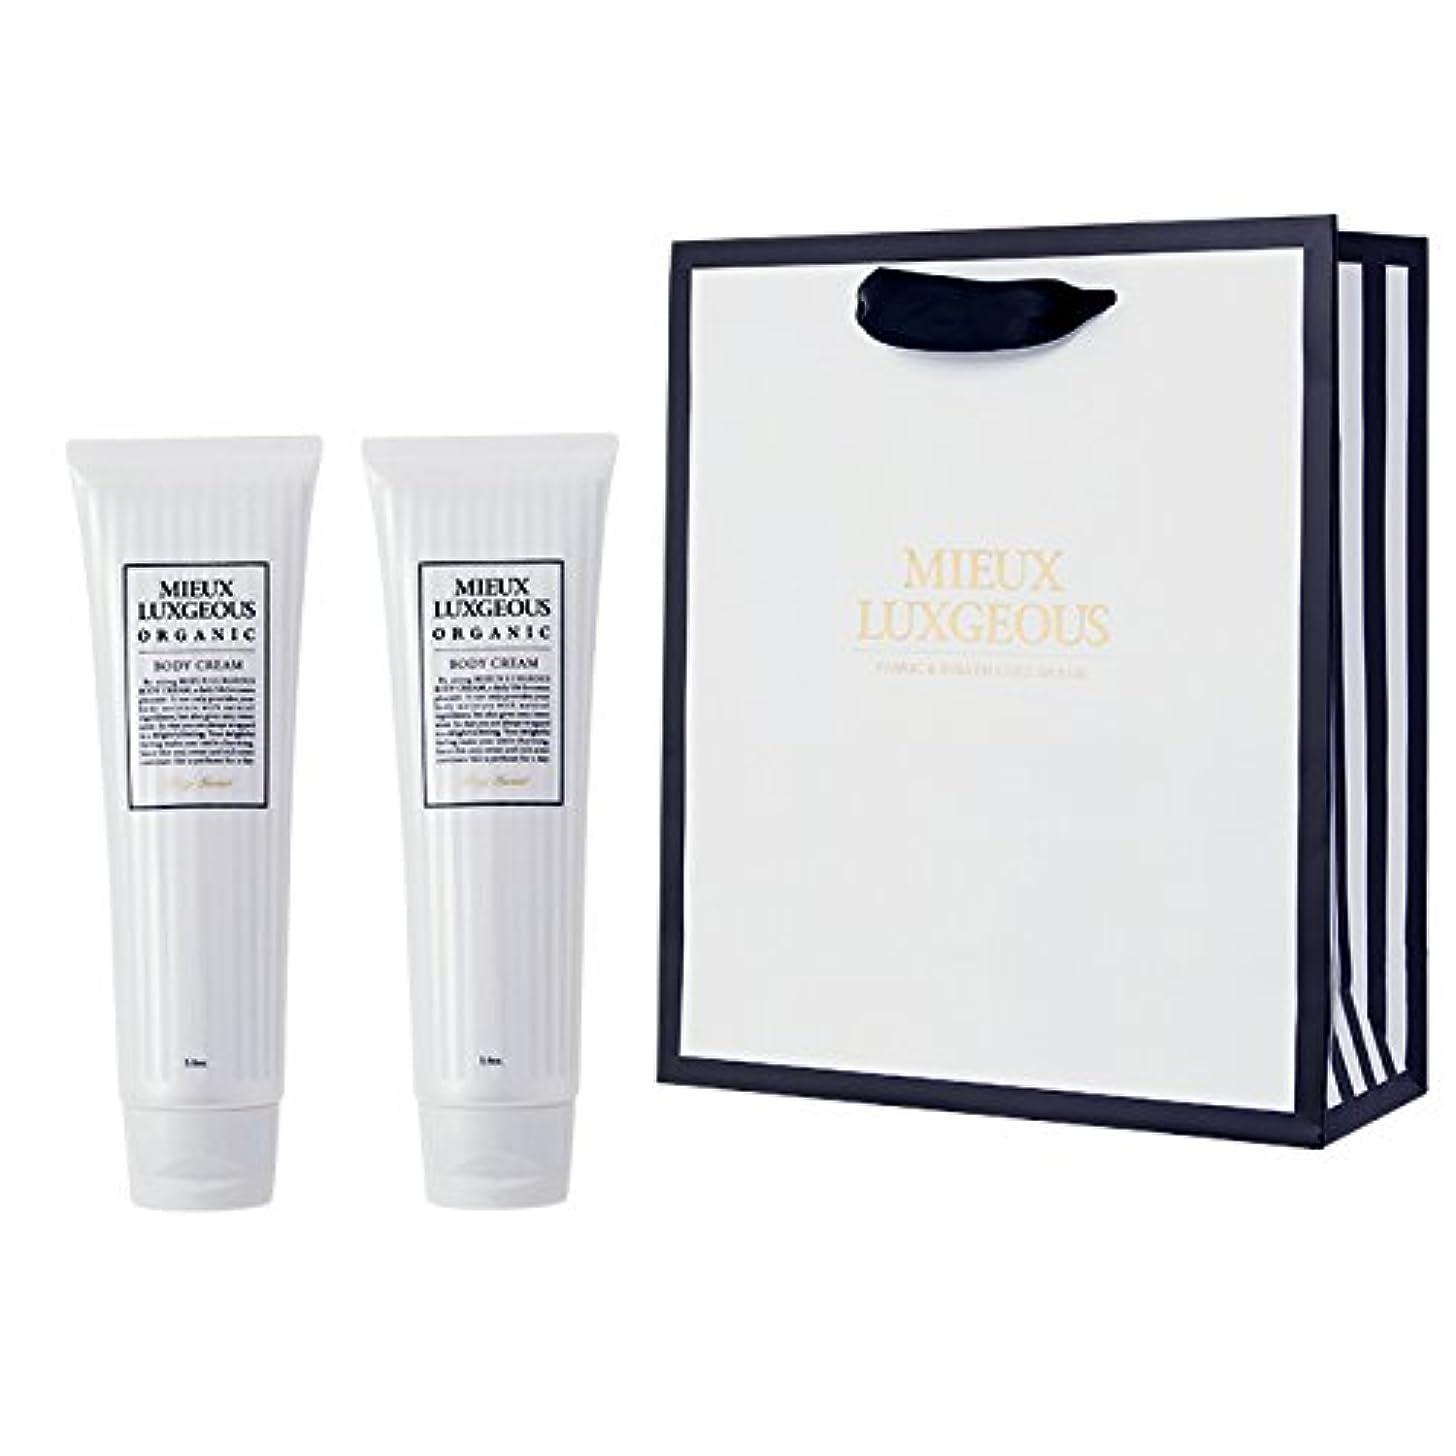 保険をかける学習者三十ミューラグジャス Body Cream 2本set with Paperbag02